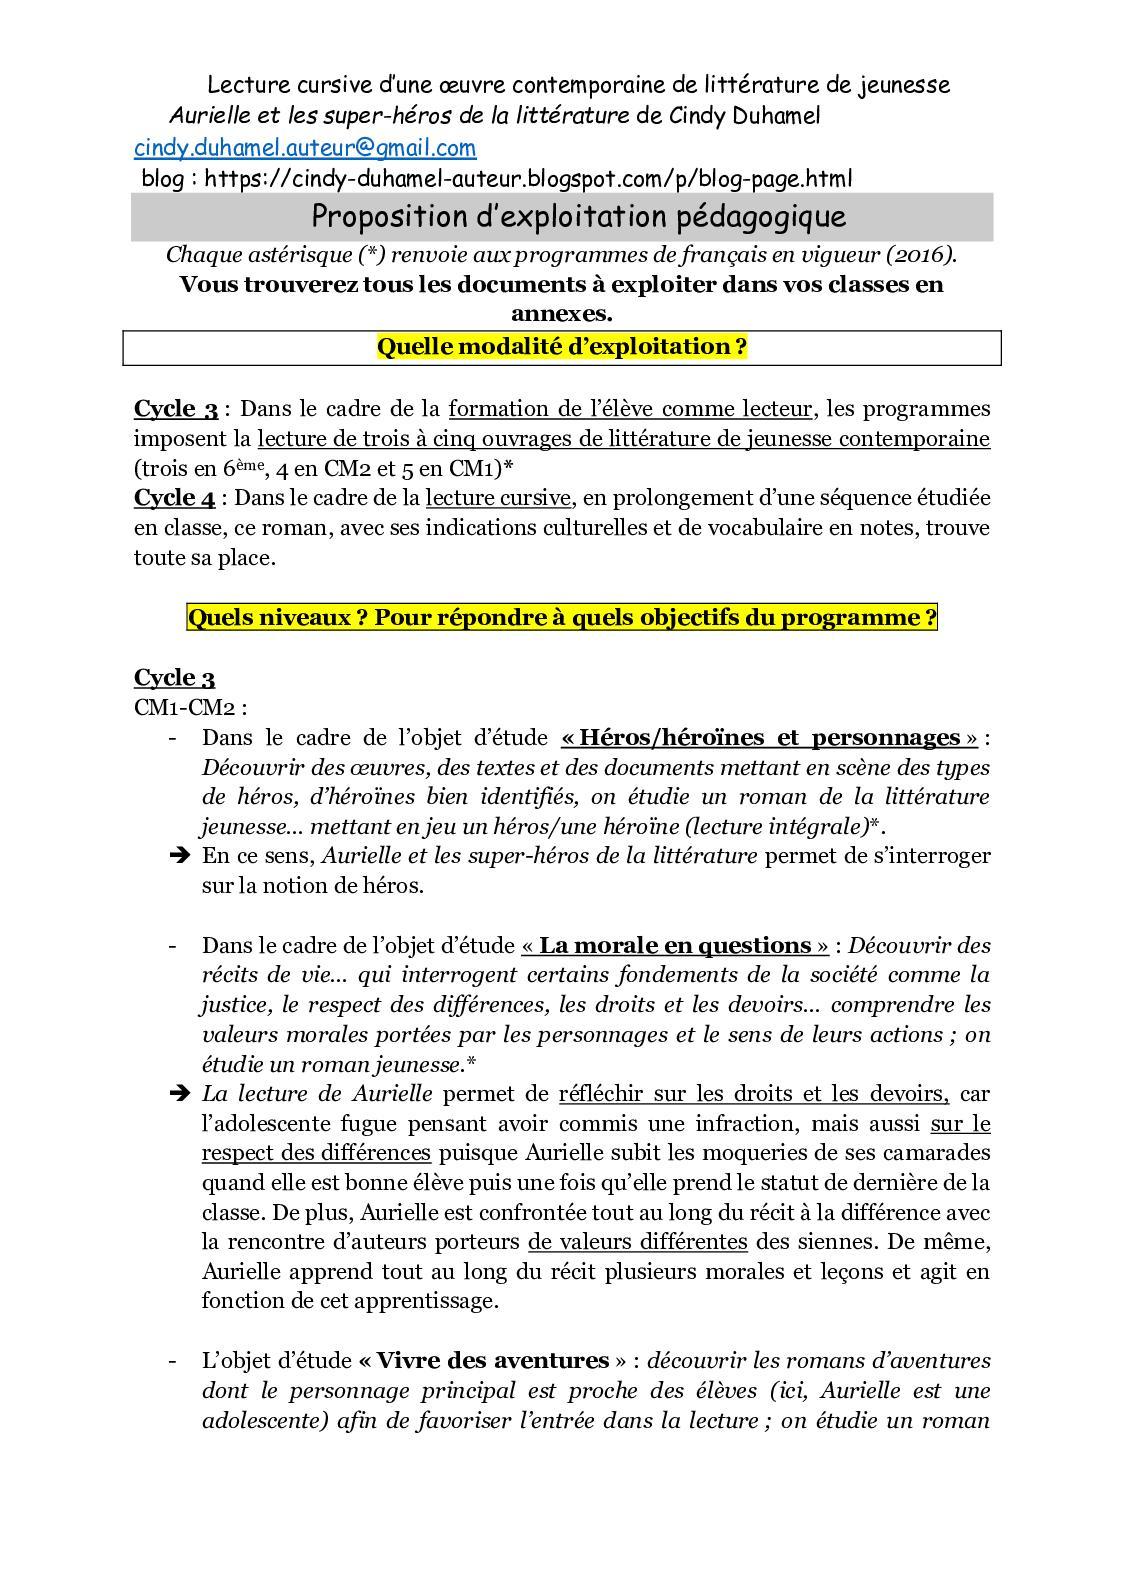 Calaméo - Fiche Pédagogique Aurielle Et Les Super-Héros pour Fiche Pédagogique Les 5 Sens